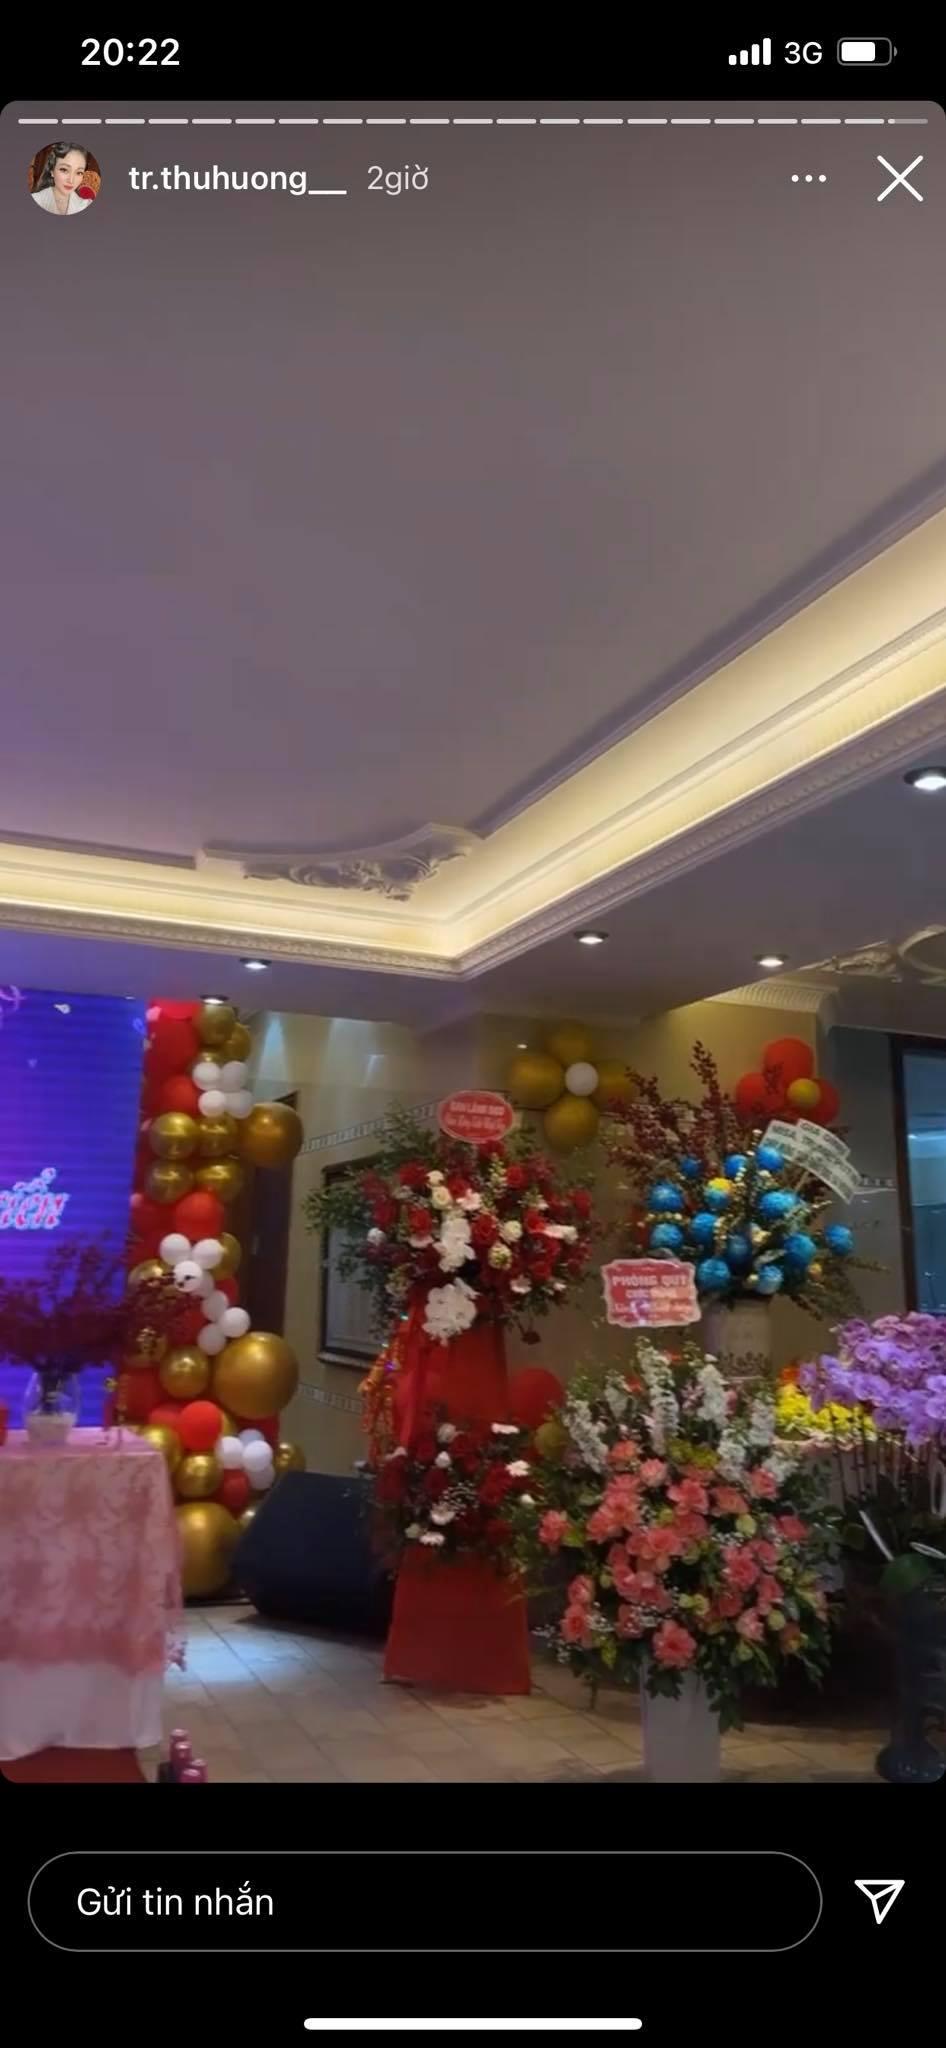 Cô dâu đeo 200 cây vàng bất ngờ chiếm trọn spotlight trên mạng xã hội khi tổ chức tiệc sinh nhật hoành tráng tại lâu đài xịn bậc nhất Nam Định 4